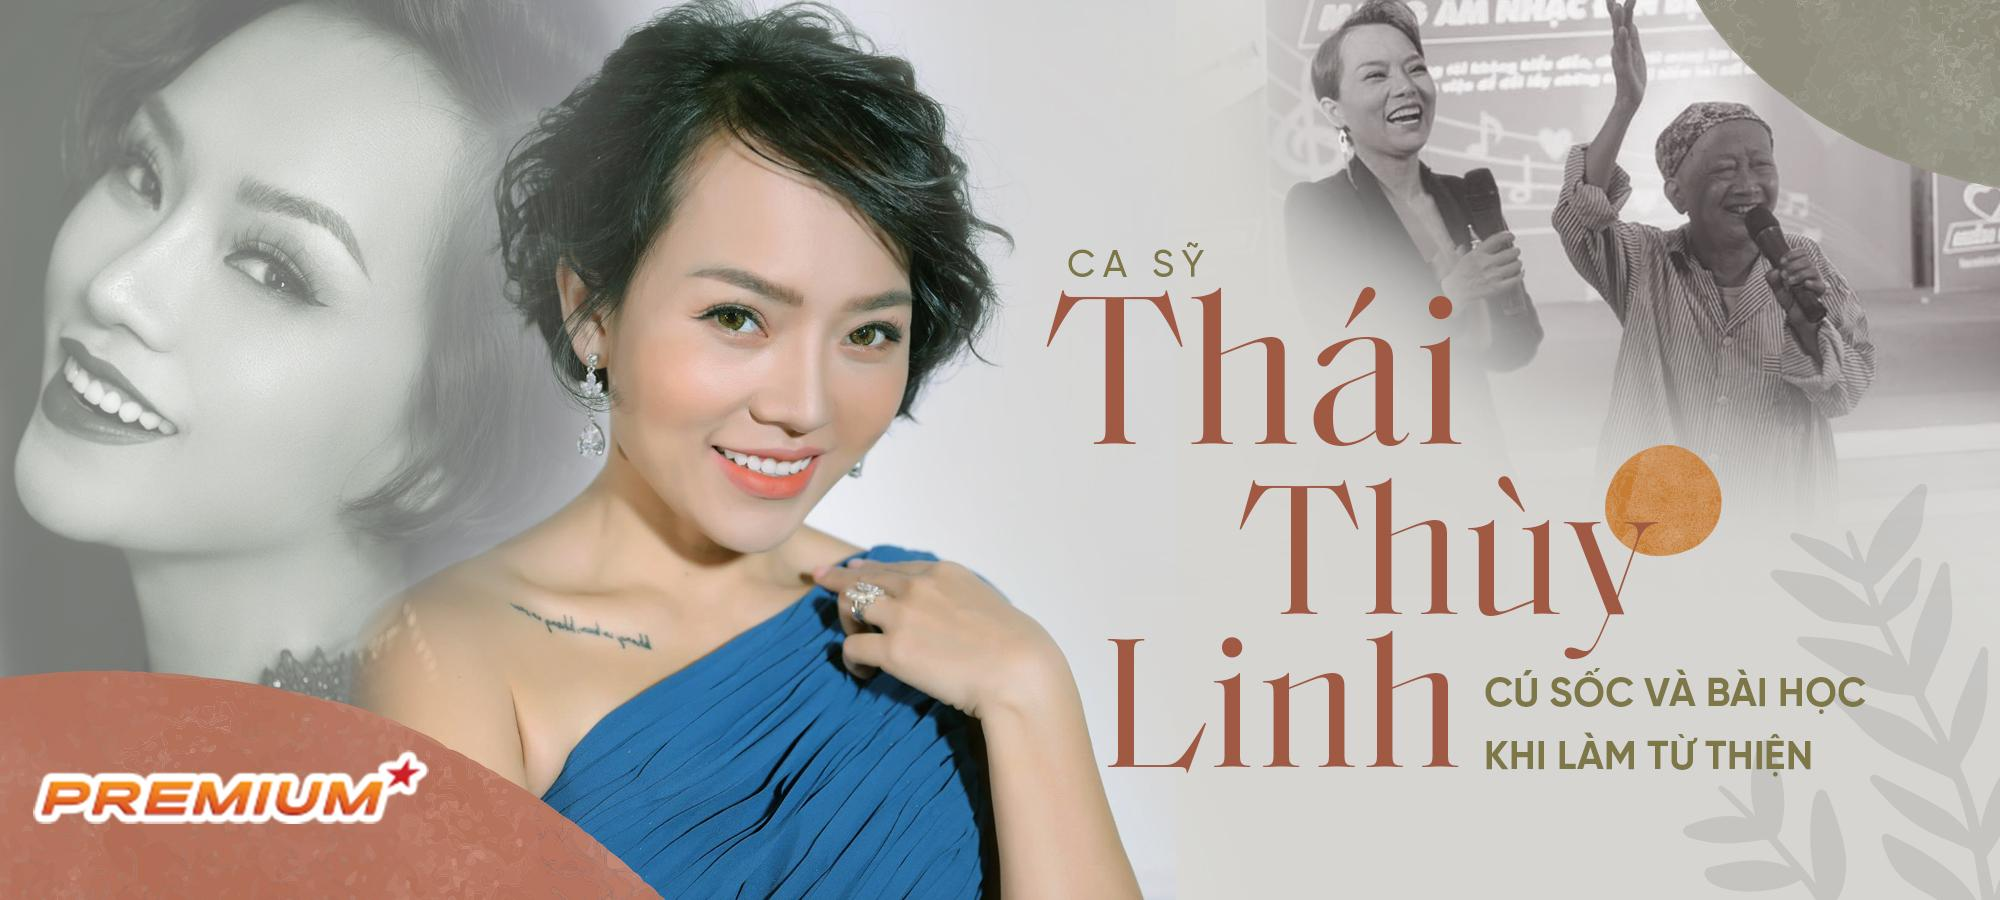 Ca sĩ Thái Thùy Linh - Cú sốc và bài học khi làm từ thiện